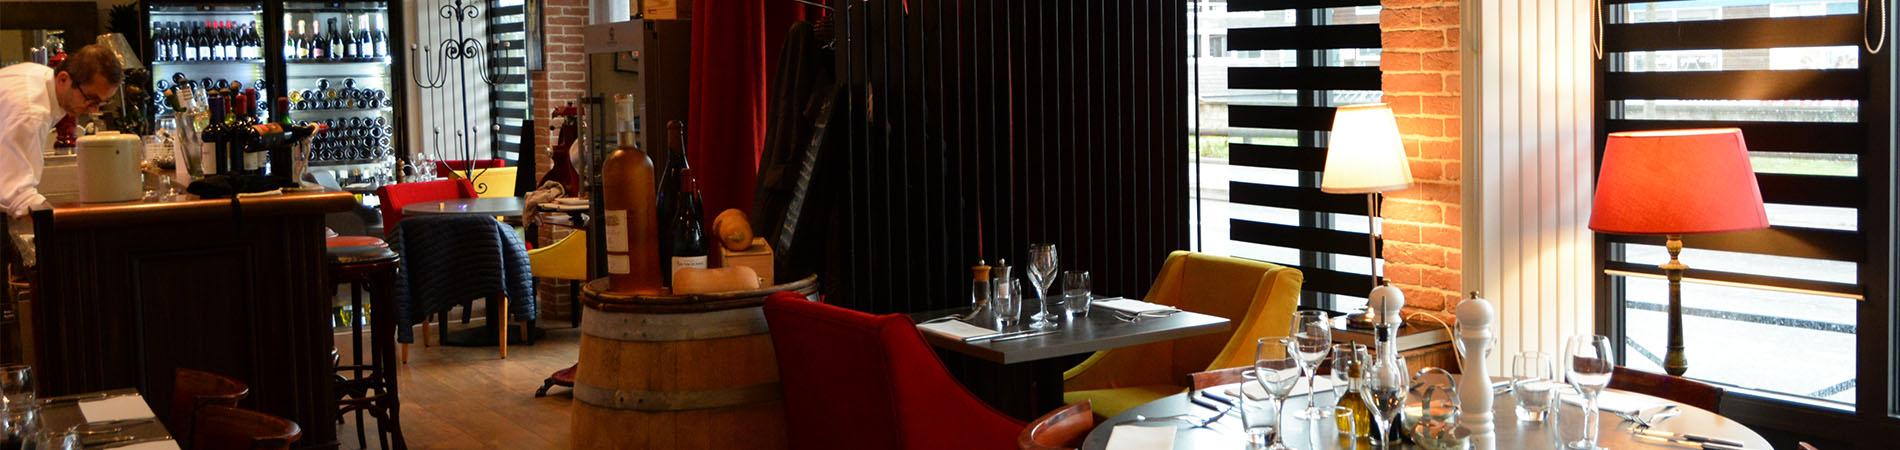 la-grange-restaurant-bar-a-vin-boulogne_slider_acceuil1